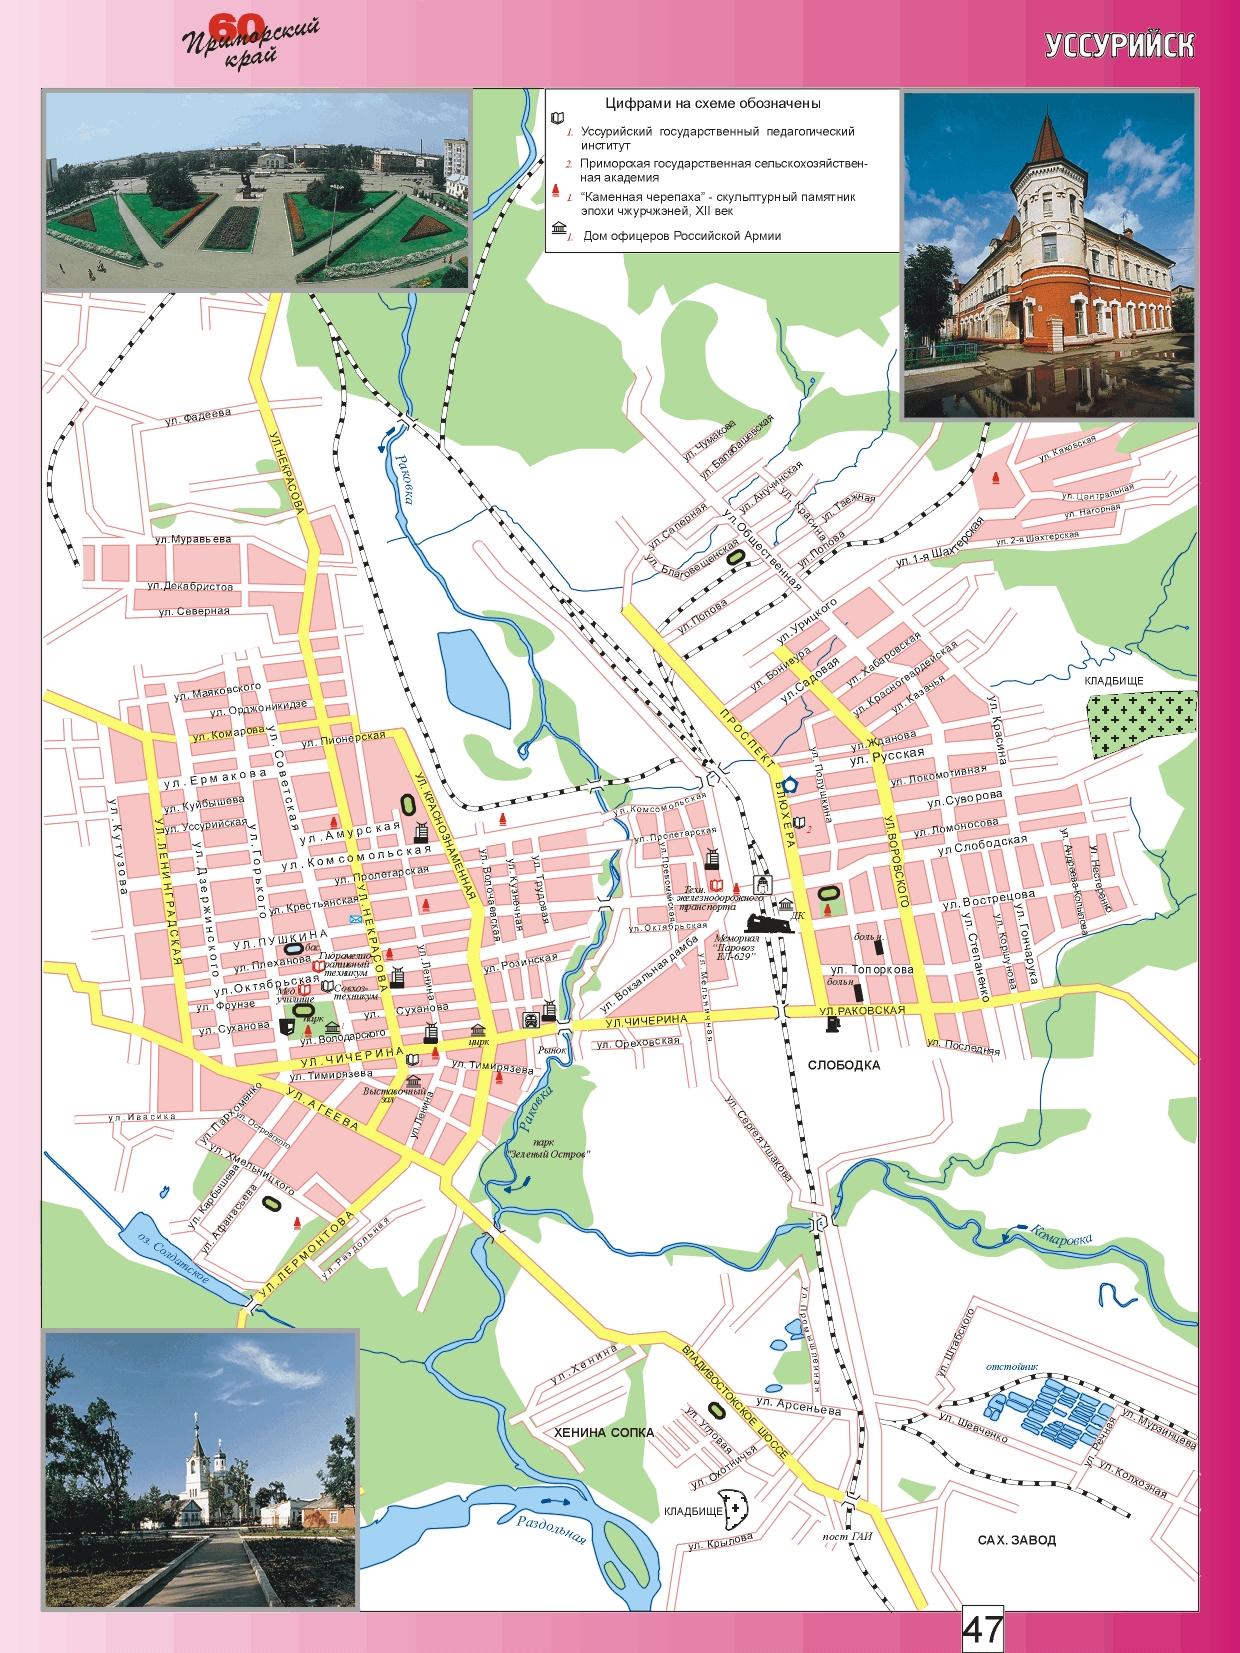 Магазин пятерочка на карте петрозаводска